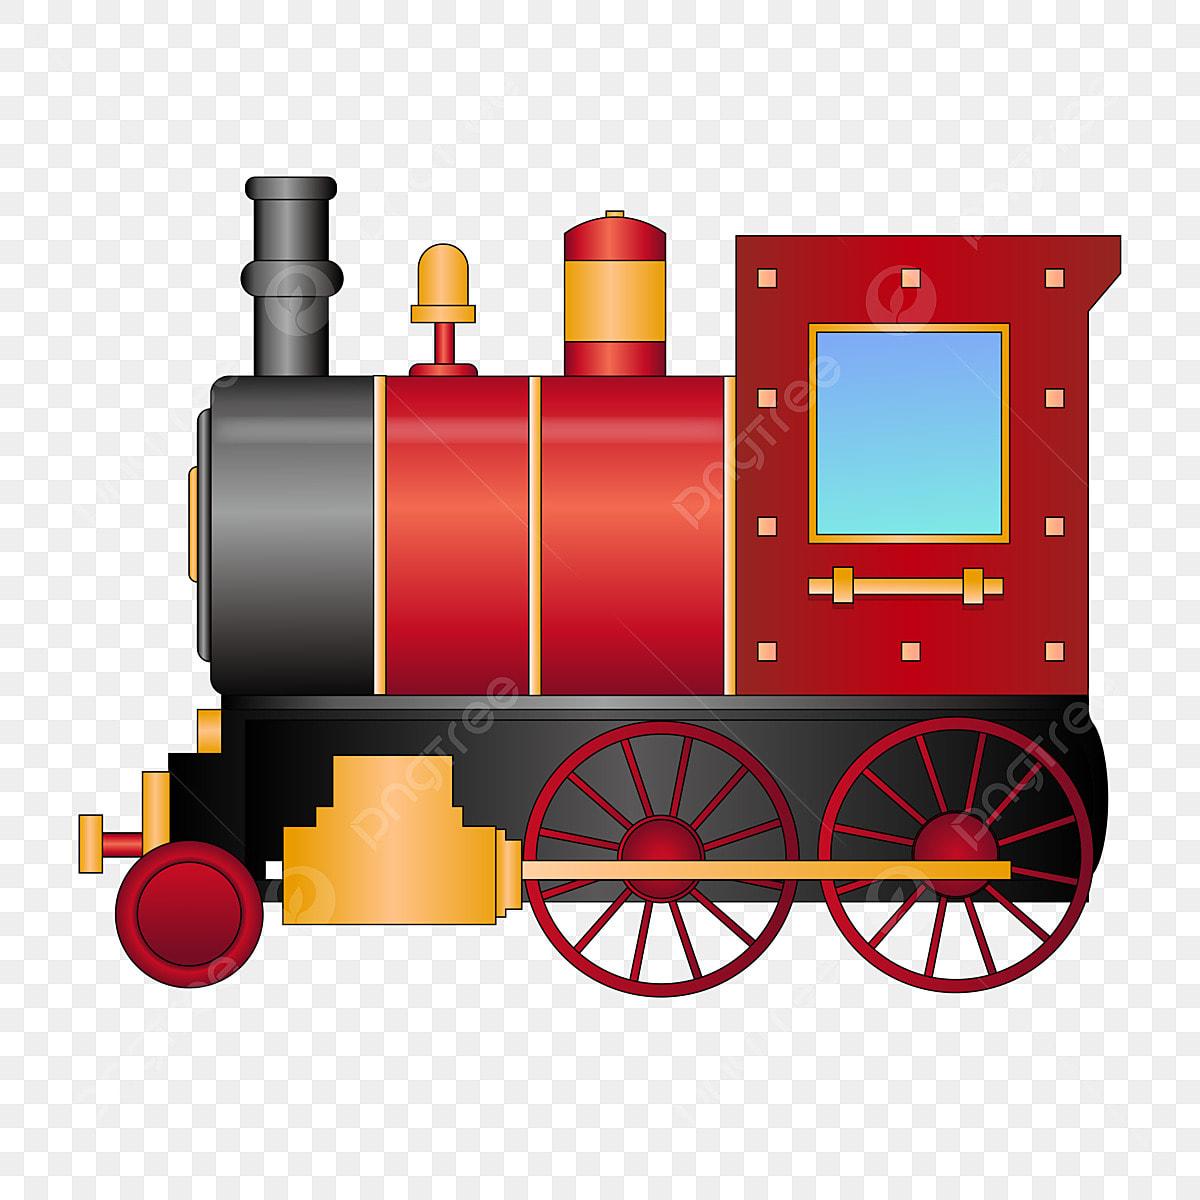 Gambar Kereta Api Kartun Berwarna Gambar Kartun Kereta Bawah Tanah Kereta Api Kartun Kereta Api Metro Kereta Api Kereta Bawah Tanah Kartun Kereta Kartun Metro Kereta Api Png Dan Vektor Untuk Muat Turun Percuma